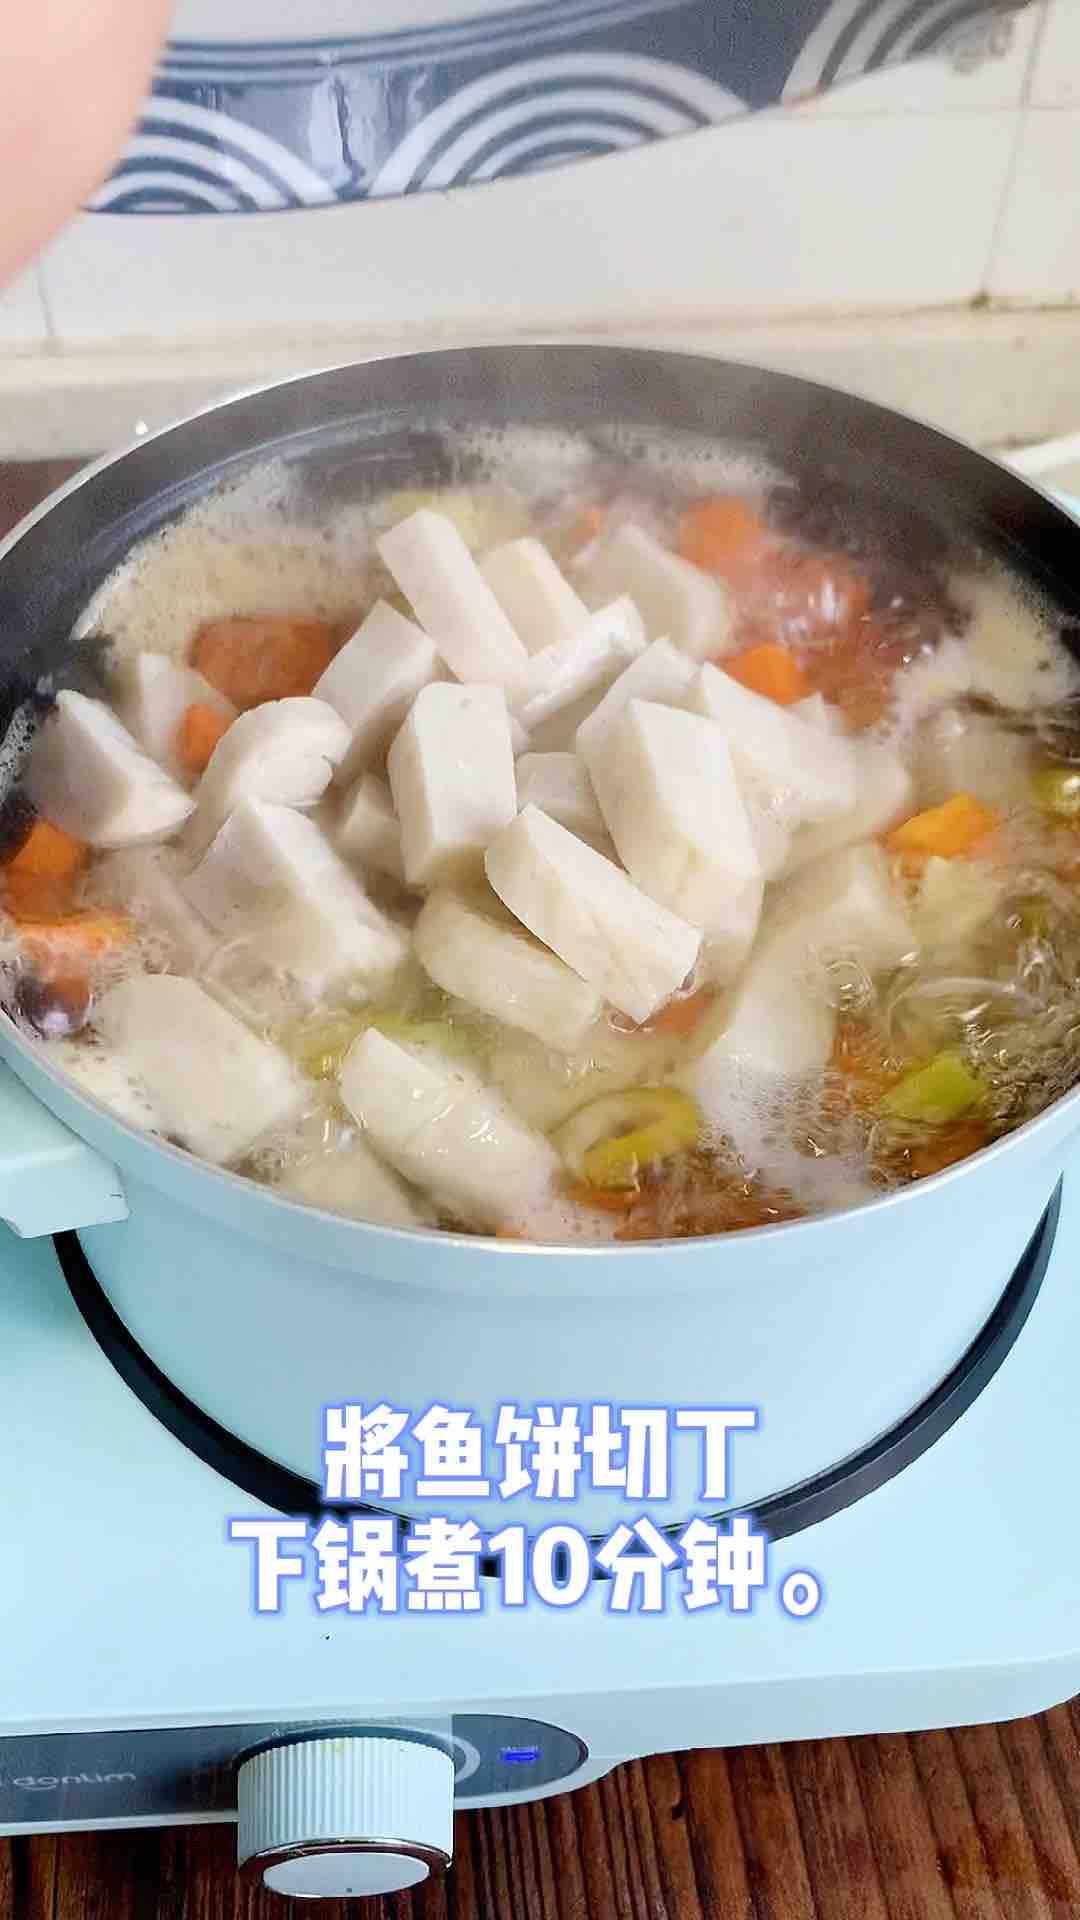 咖喱时蔬鱼饼意面怎么吃